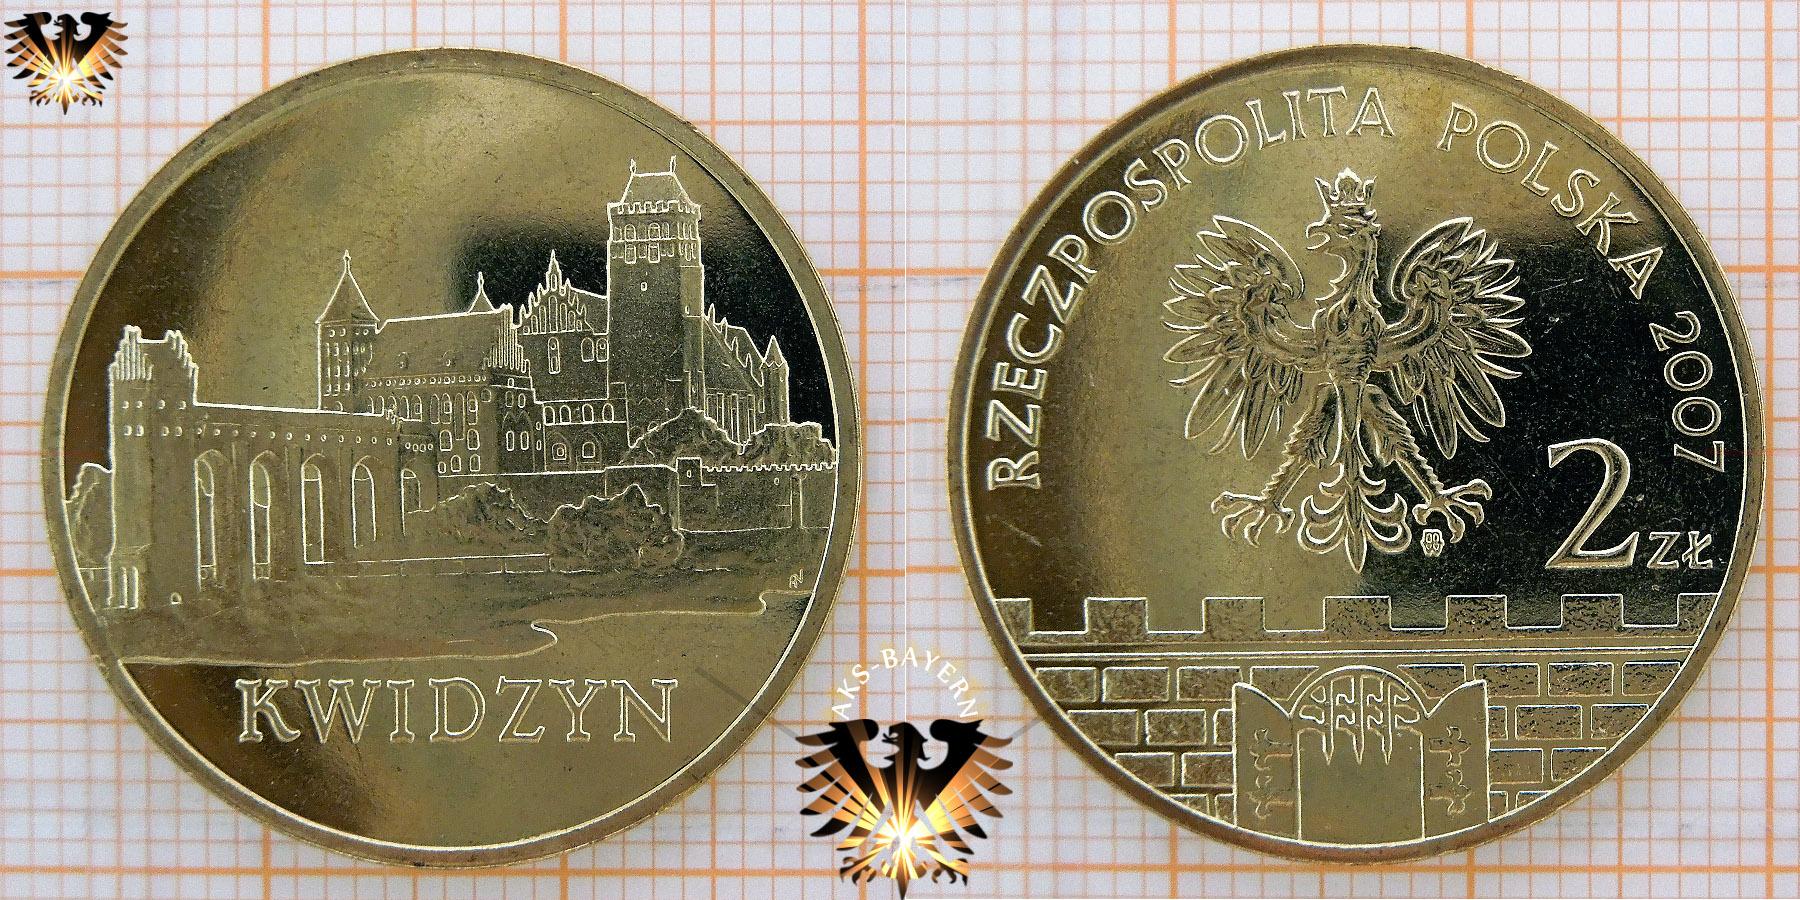 Münze 2 Złote Polen 2007 Kwidzyn Marienwerder